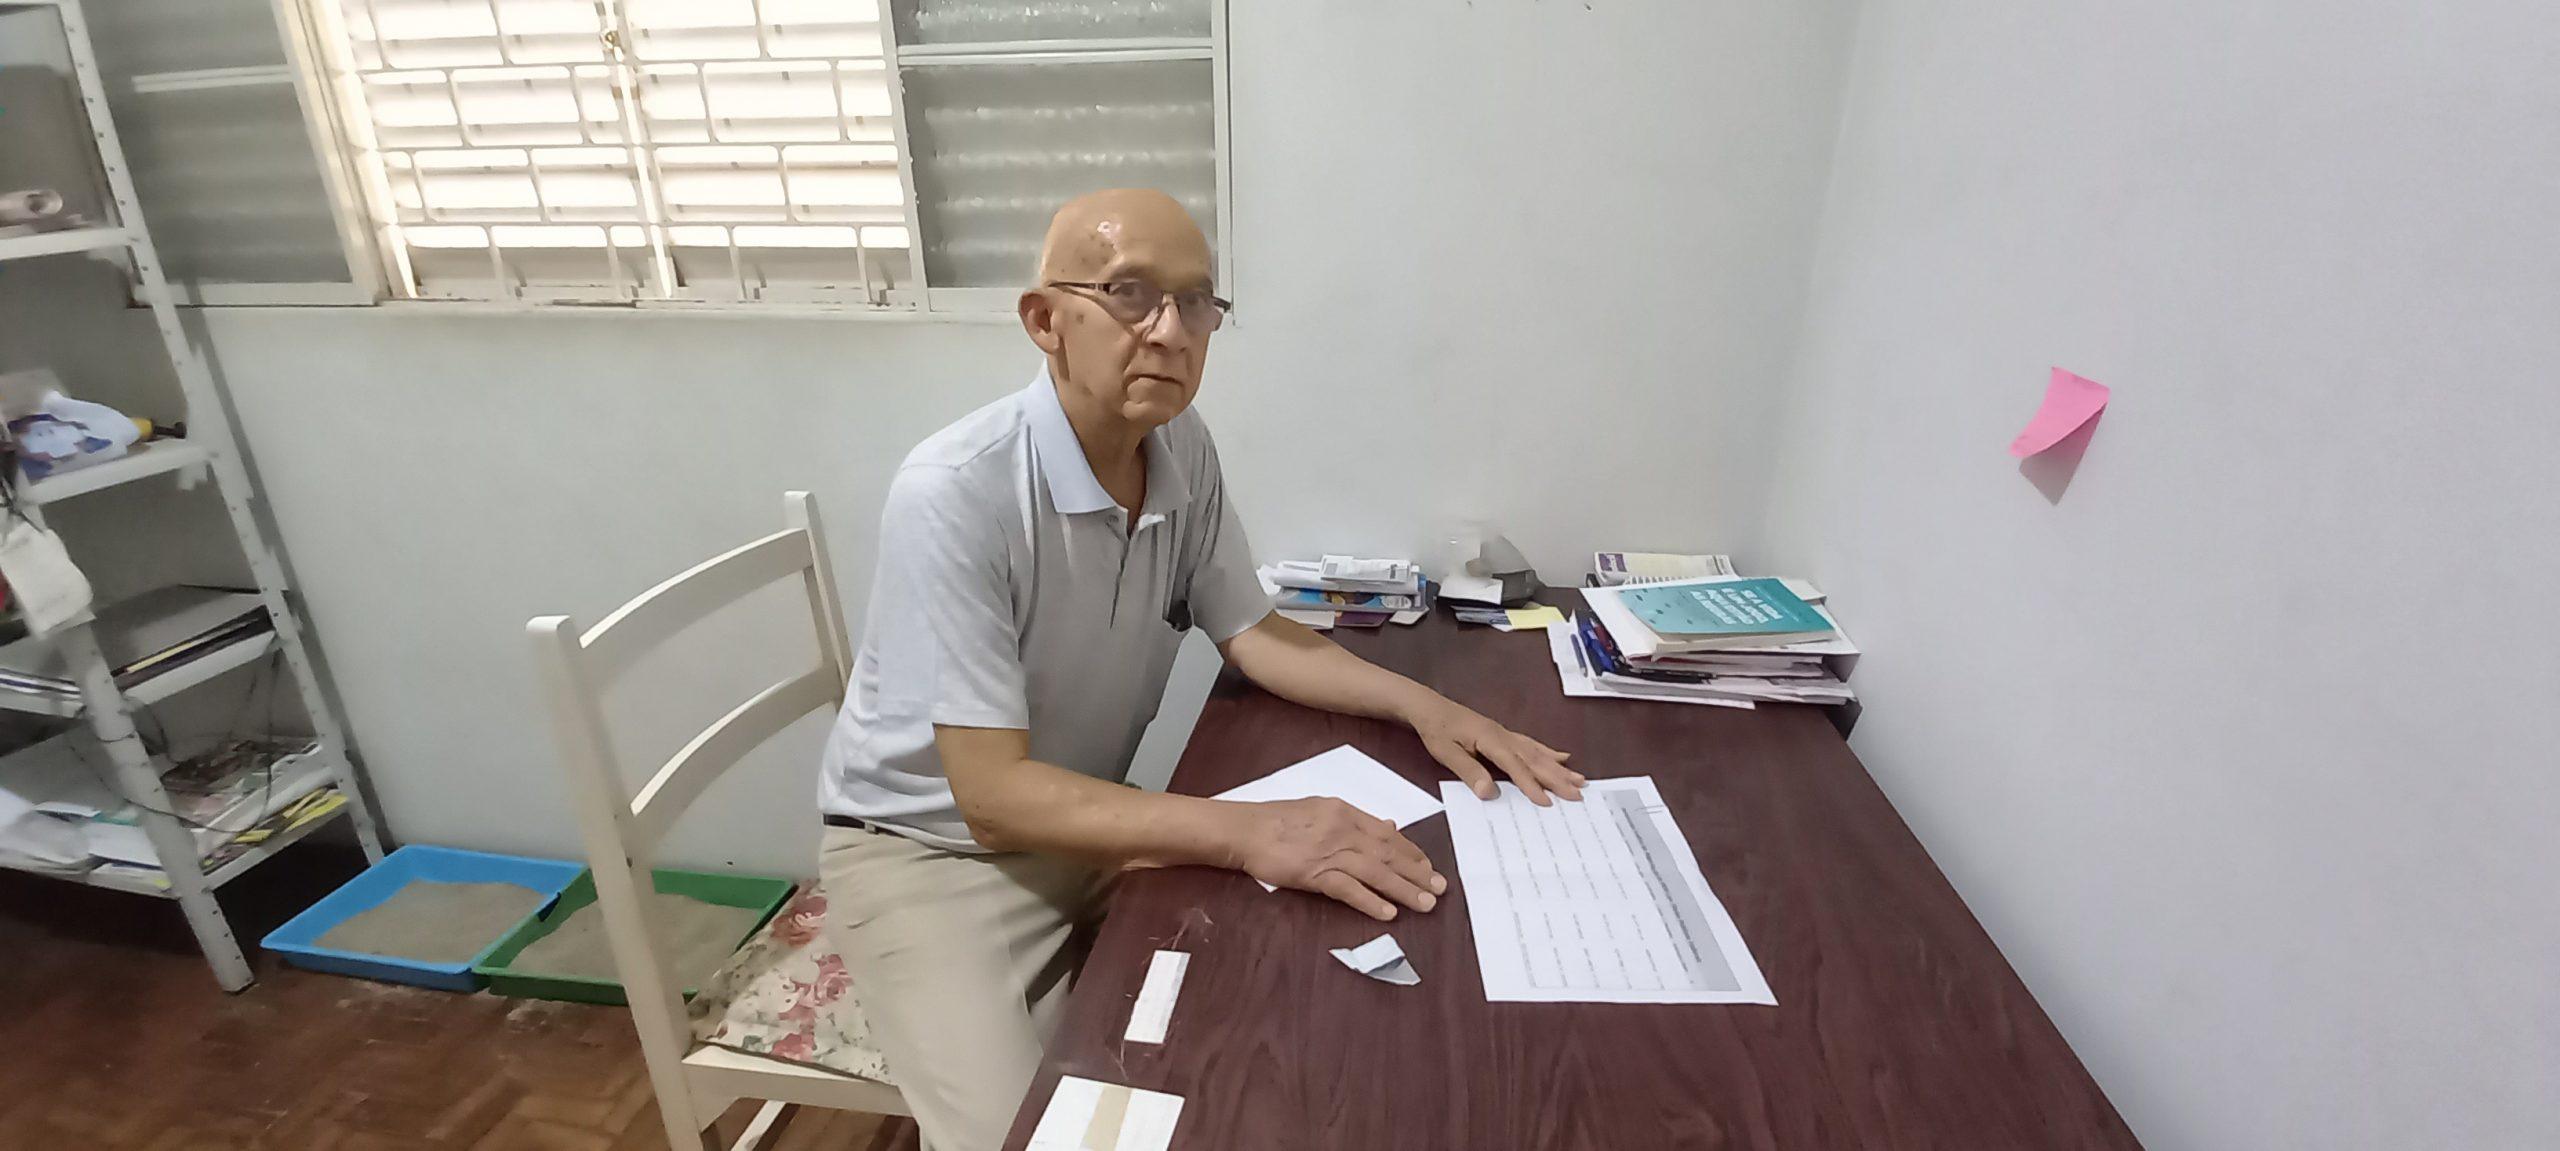 'Sempre tive uma luta pelo Ipem com os prefeitos para não deixar ingerência política', recorda Waldir Antunes